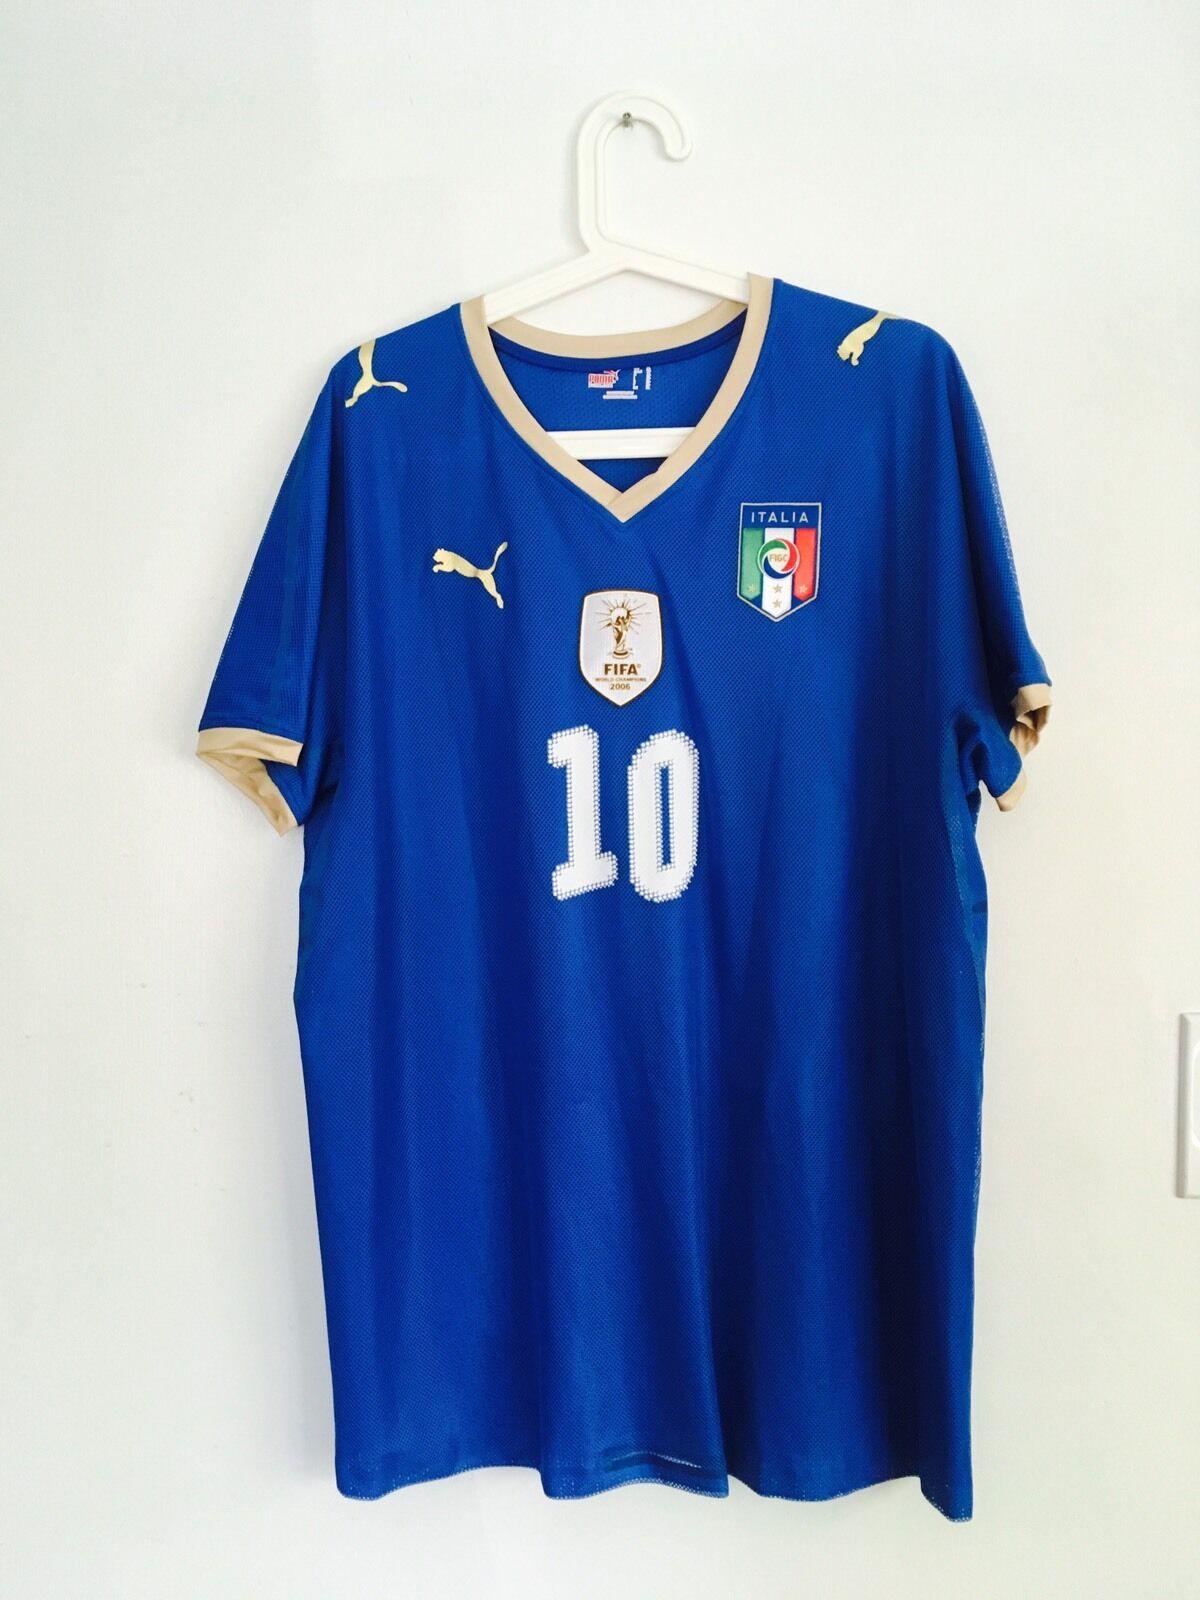 Pirlo, Italia 2008 coinciden con problema de las Naciones Unidas Camiseta Jersey Usado Raro Italia Maglia